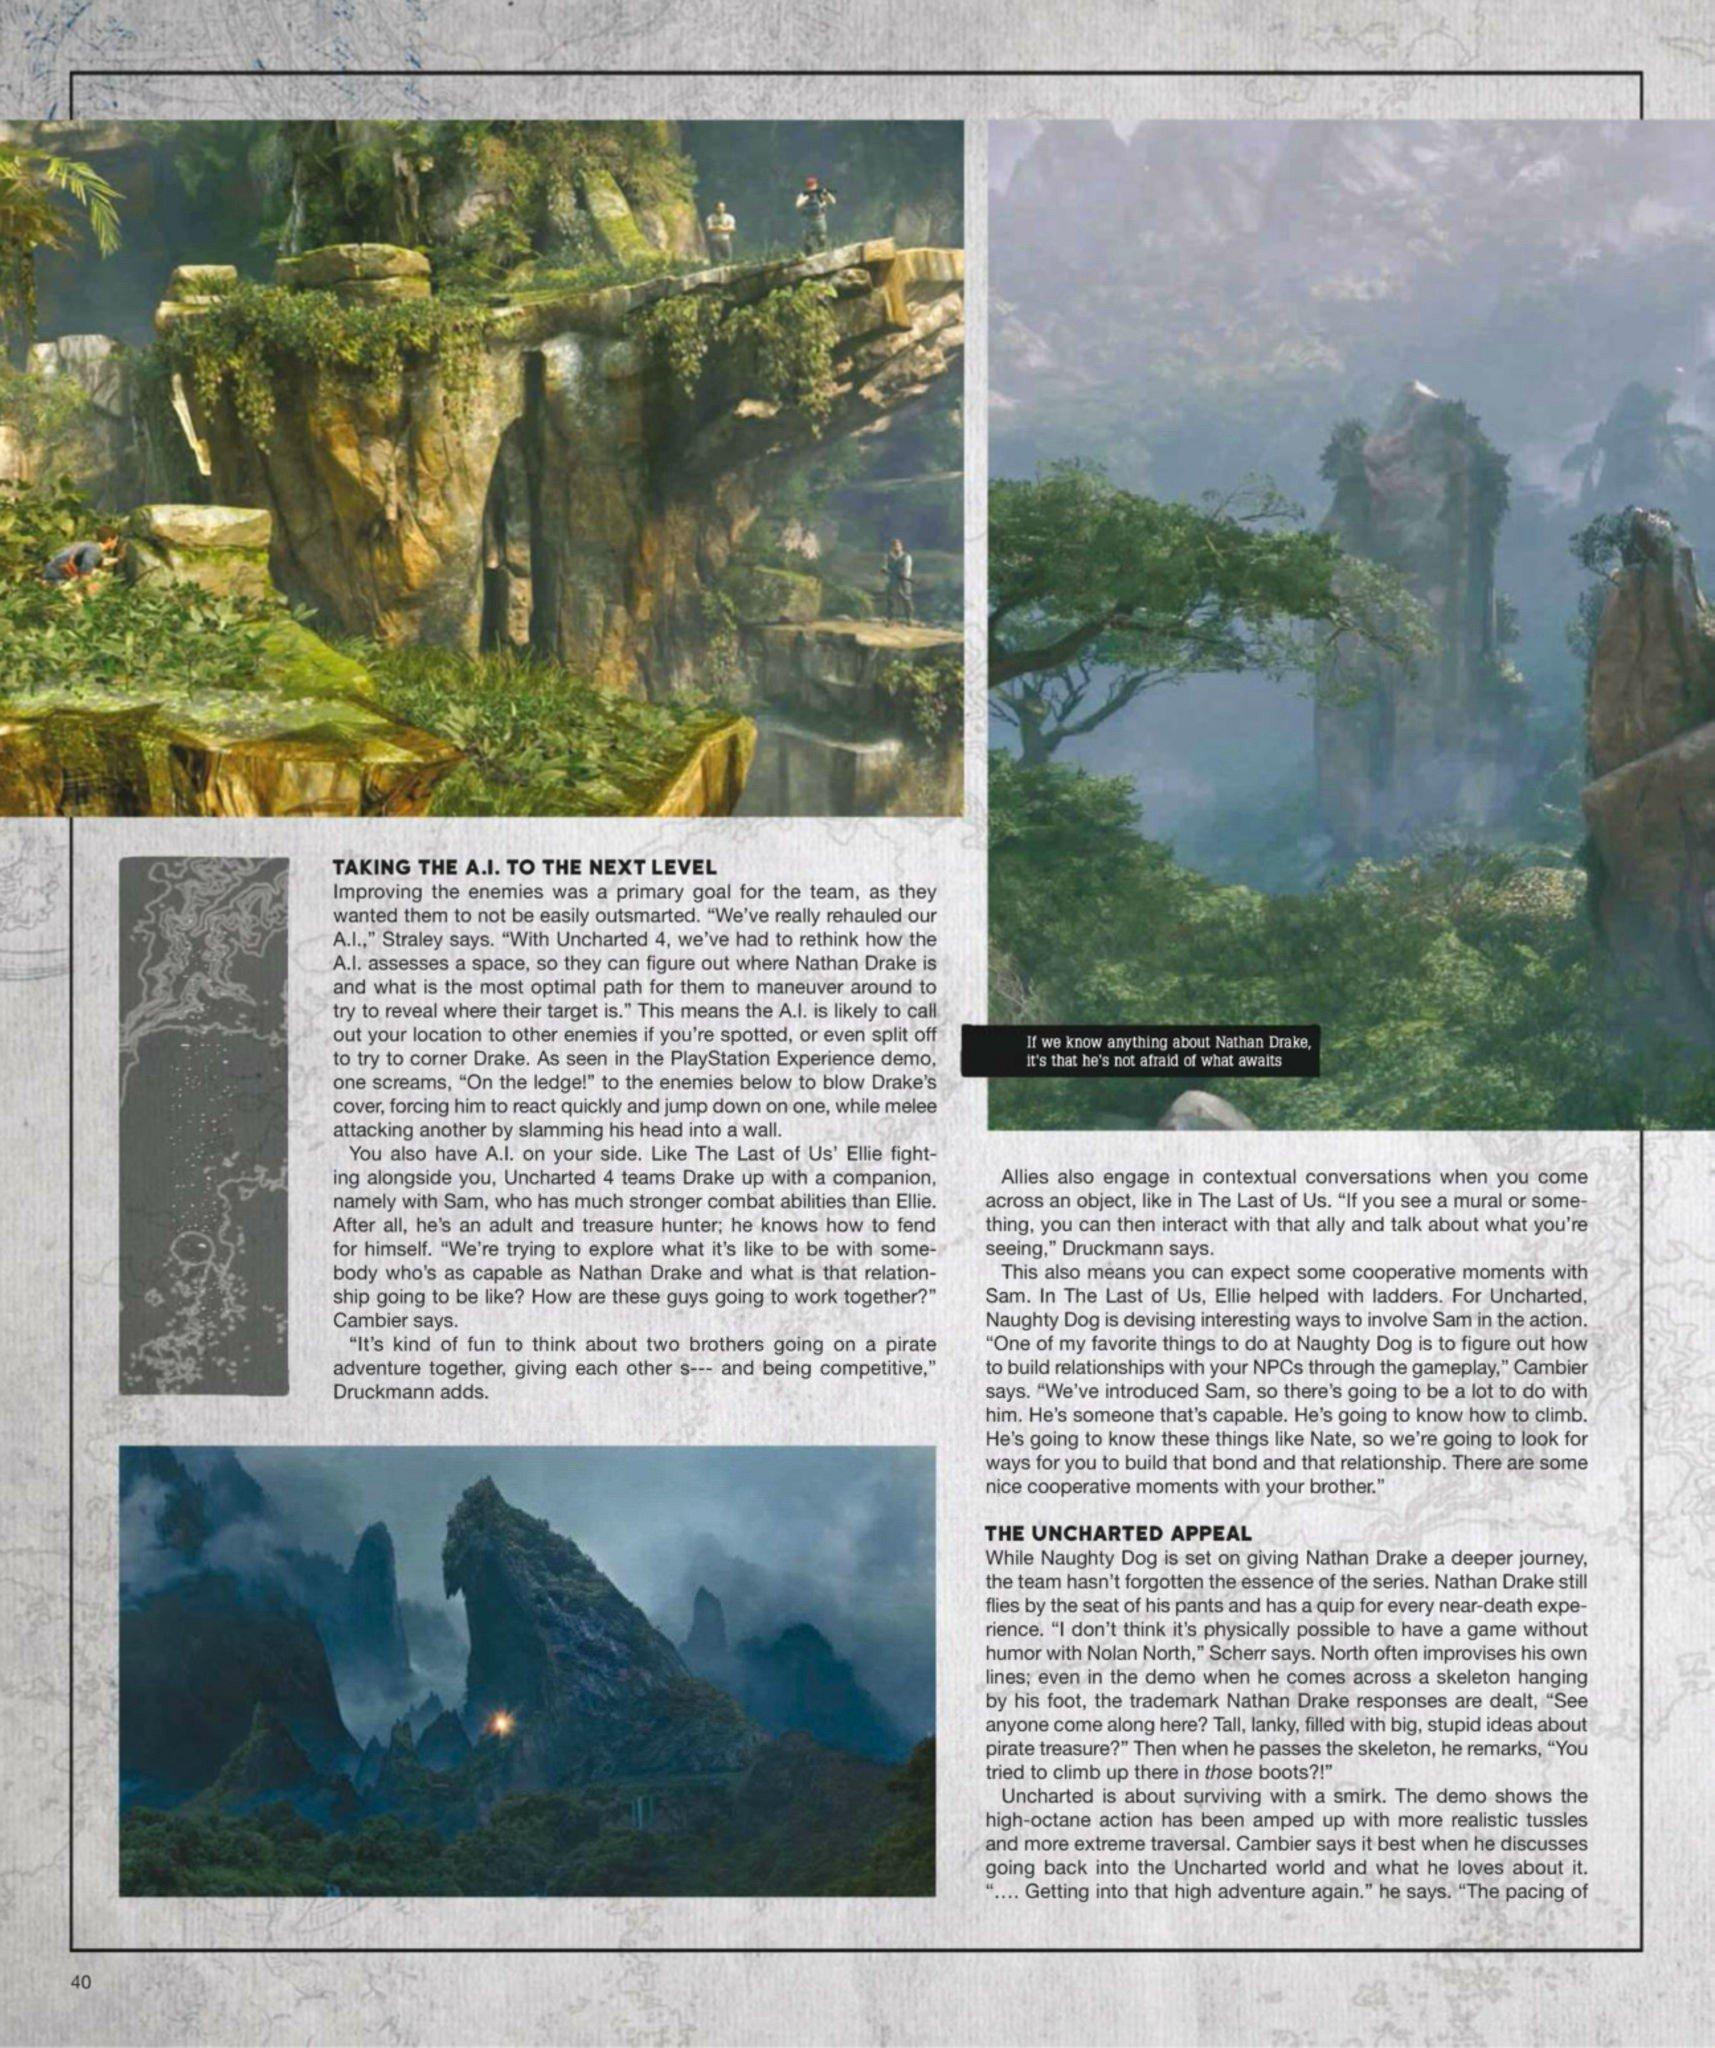 Сканы Uncharted 4: A Thief's End из свежего номера Game Informer  - Изображение 13